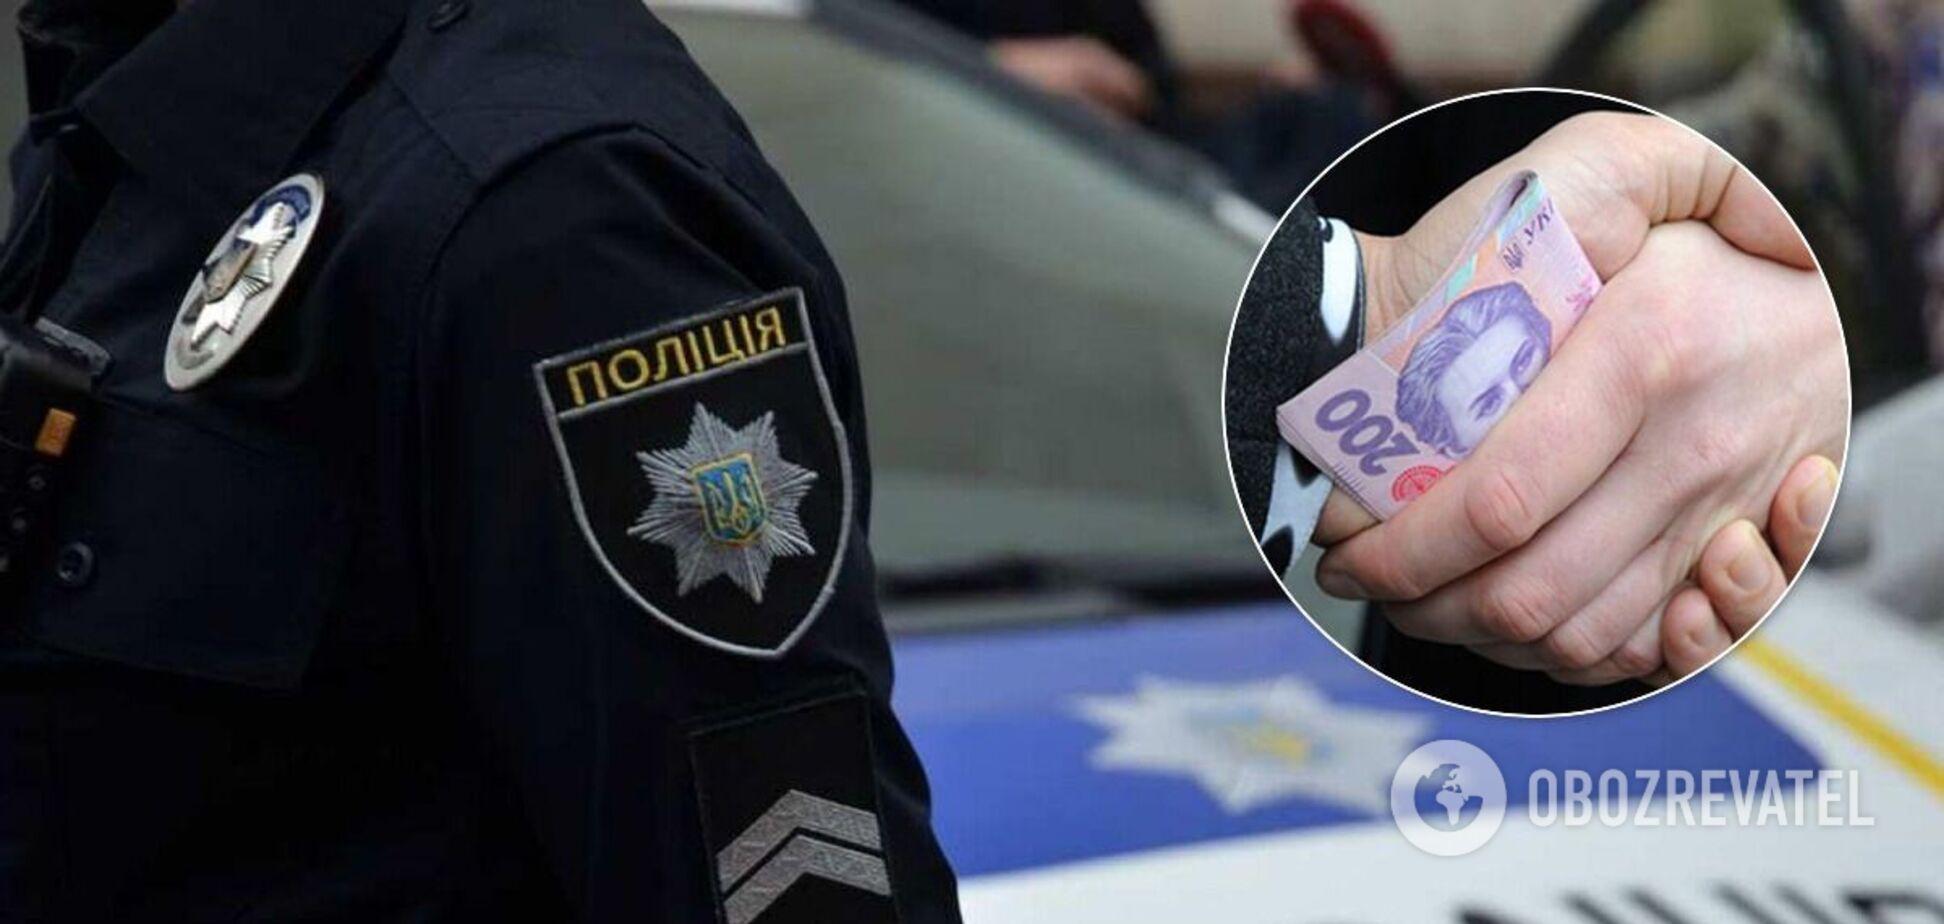 У Дніпрі затримали поліцейського-хабарника: у відділенні пройшли обшуки